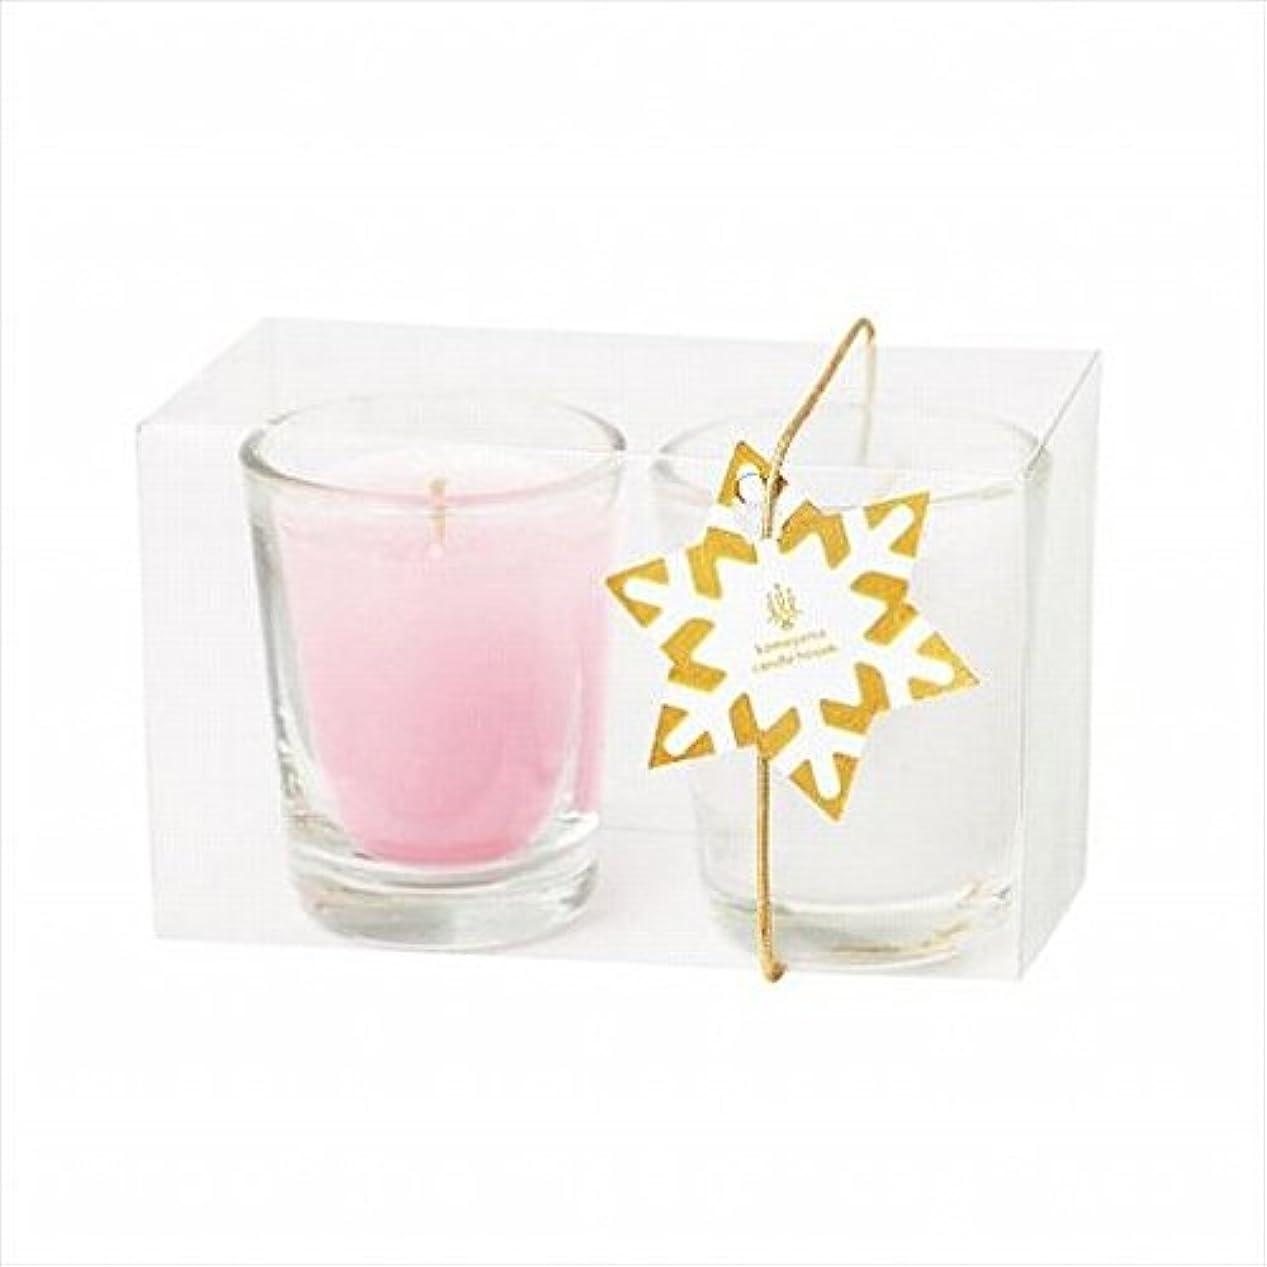 暖かくより多い散逸kameyama candle(カメヤマキャンドル) ミニライト2個入り 「 ホワイト&ピンク 」(A9570020)